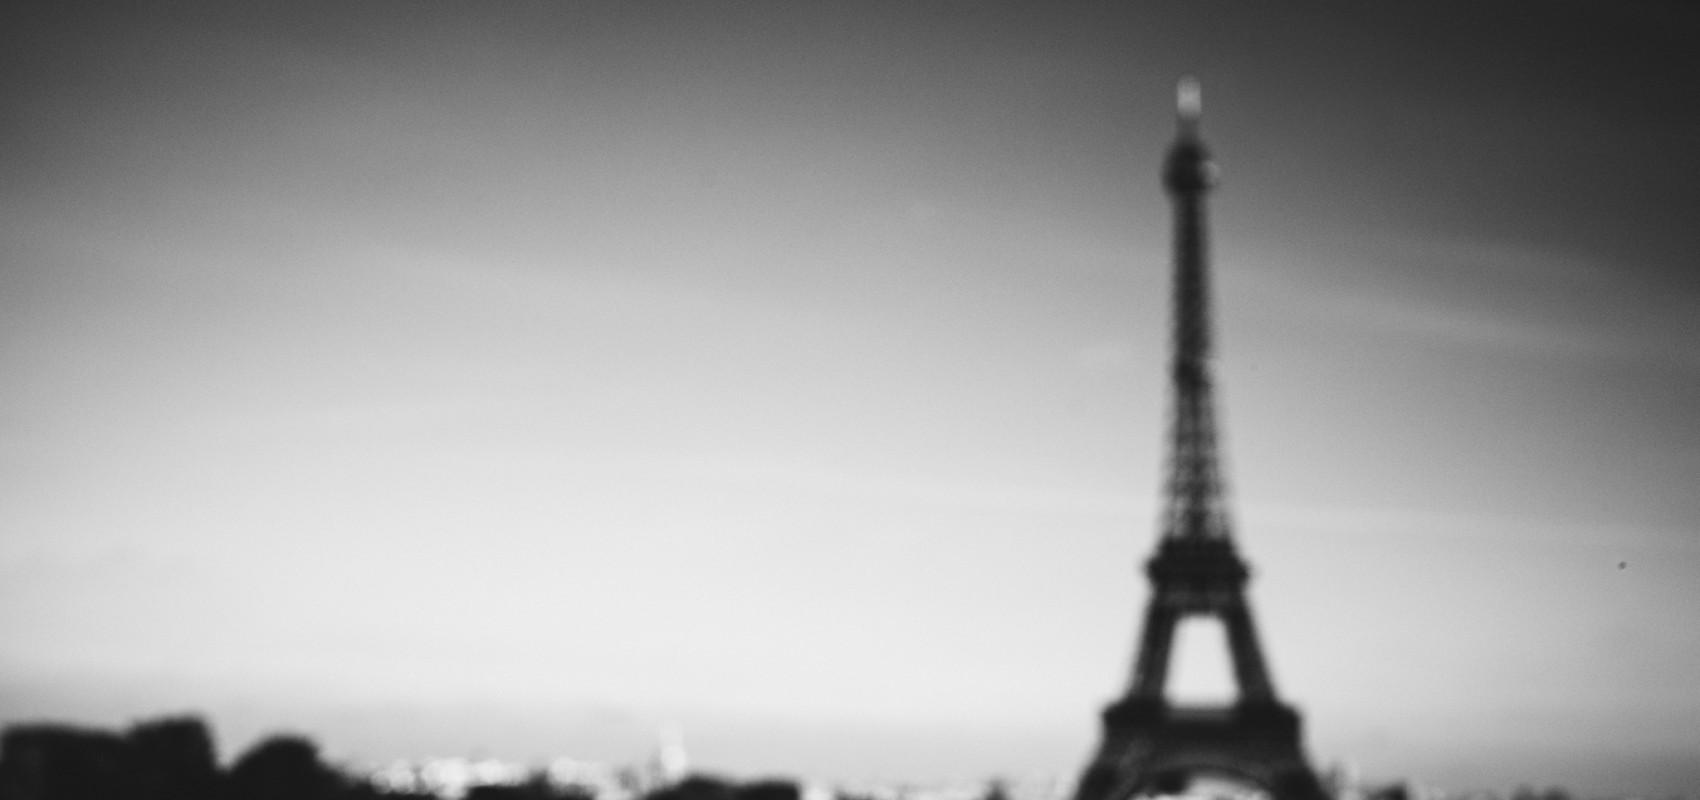 Paris, kannst du einen Traum erfüllen?